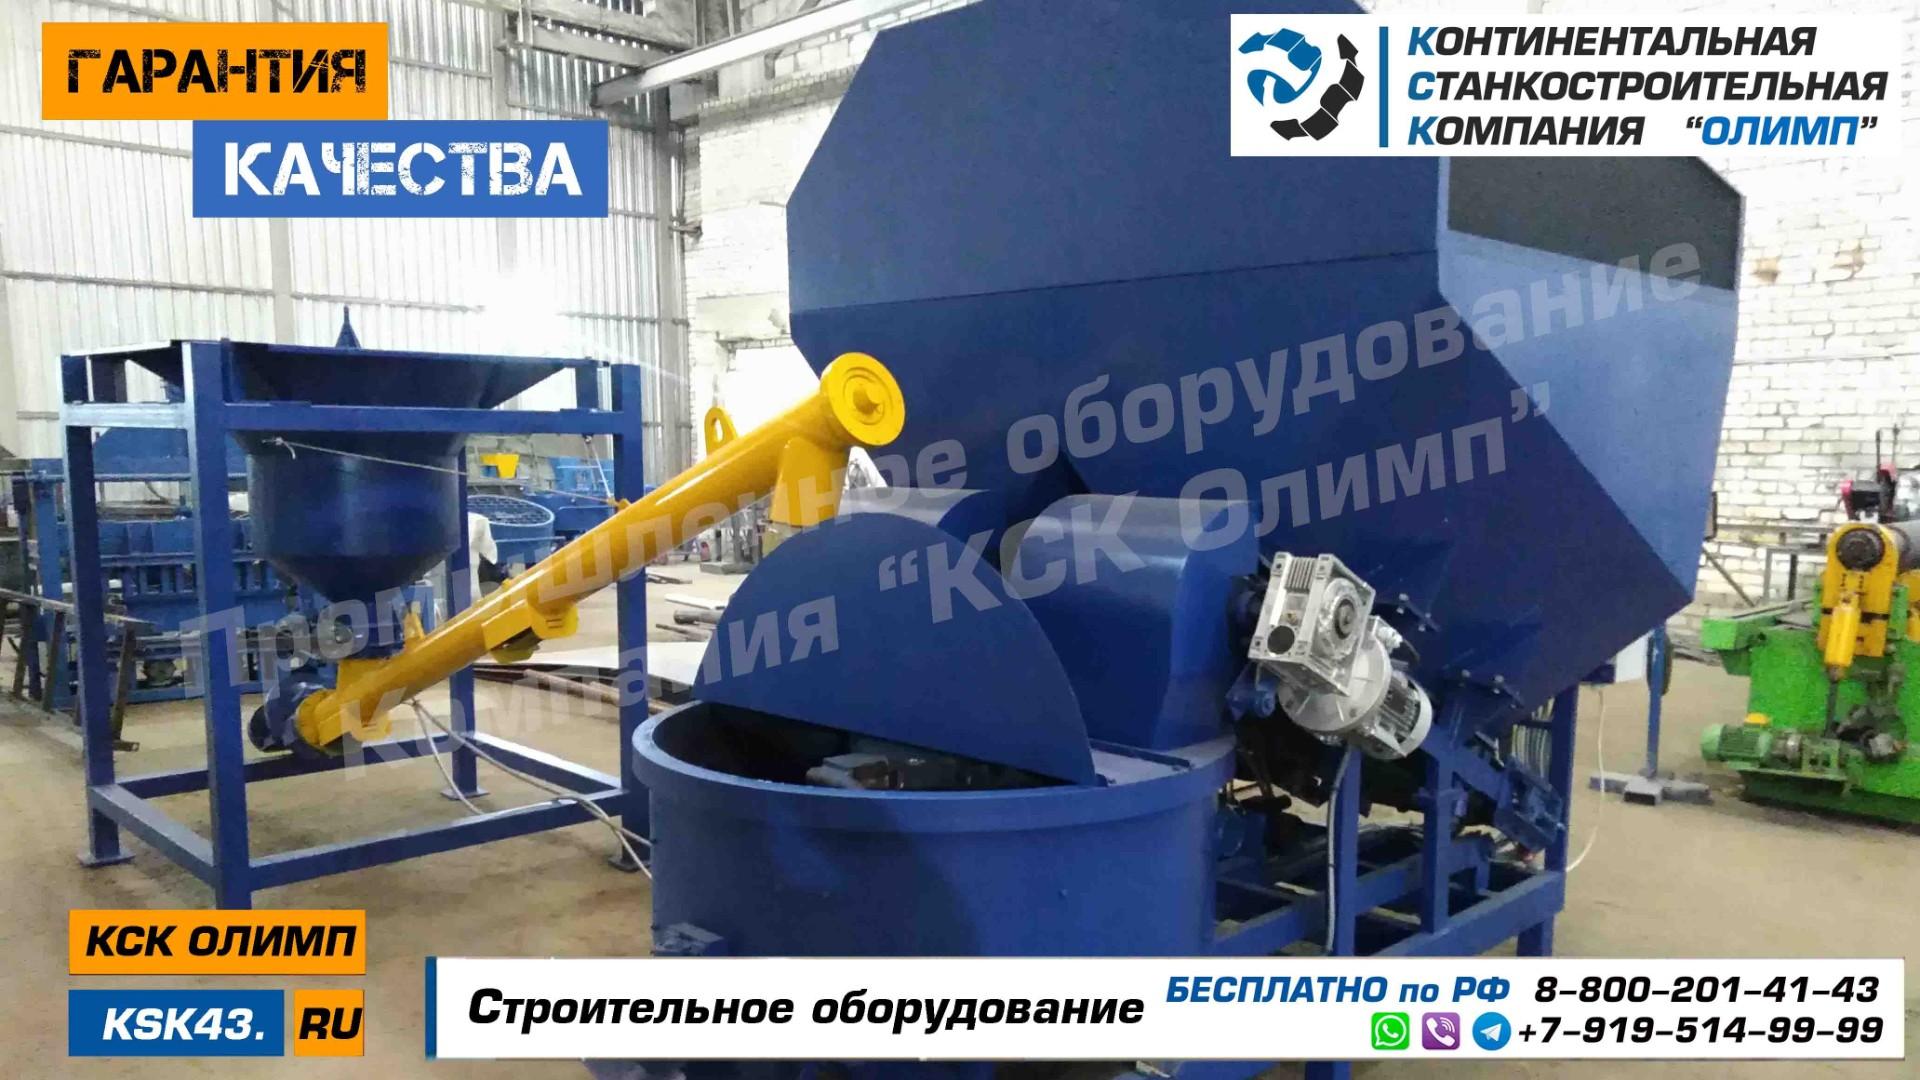 Олимп завод бетон купить бетон витебске с доставкой